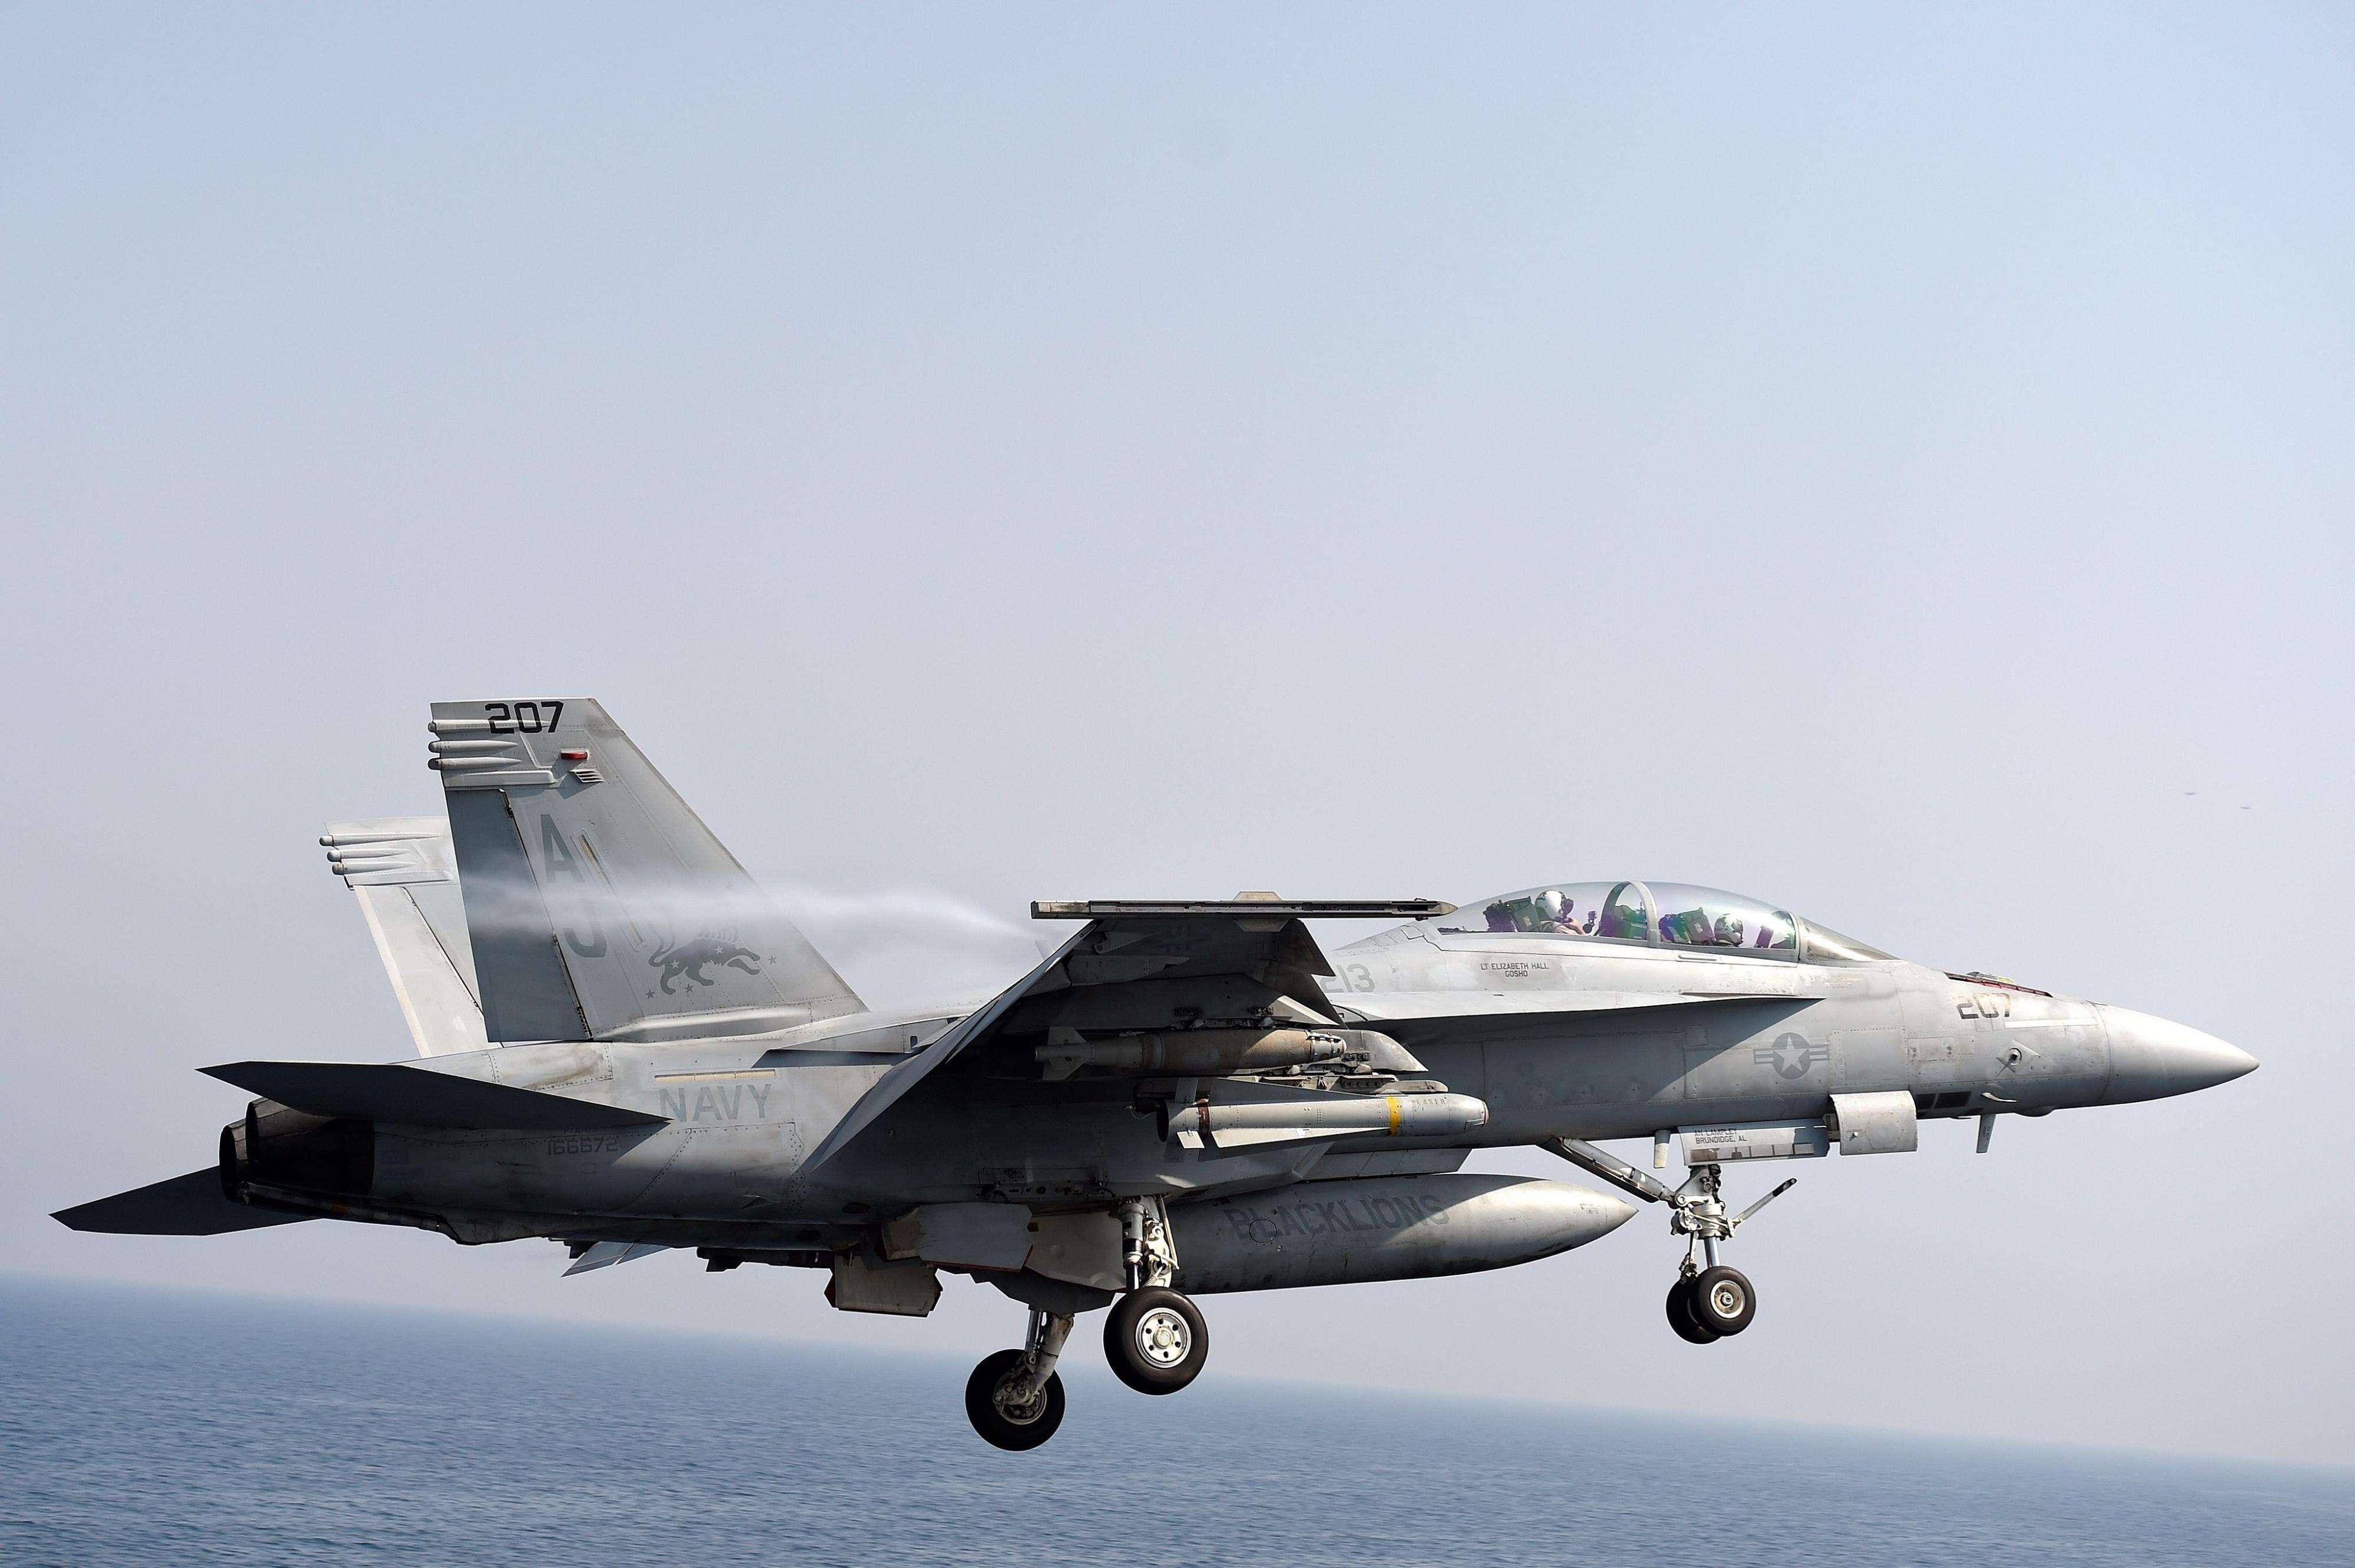 Un avión F/A-18 de la Marina estadounidense despega este jueves 14 de agosto de 2014, del portaaviones USS George H.W. Bush en el Golfo Pérsico.